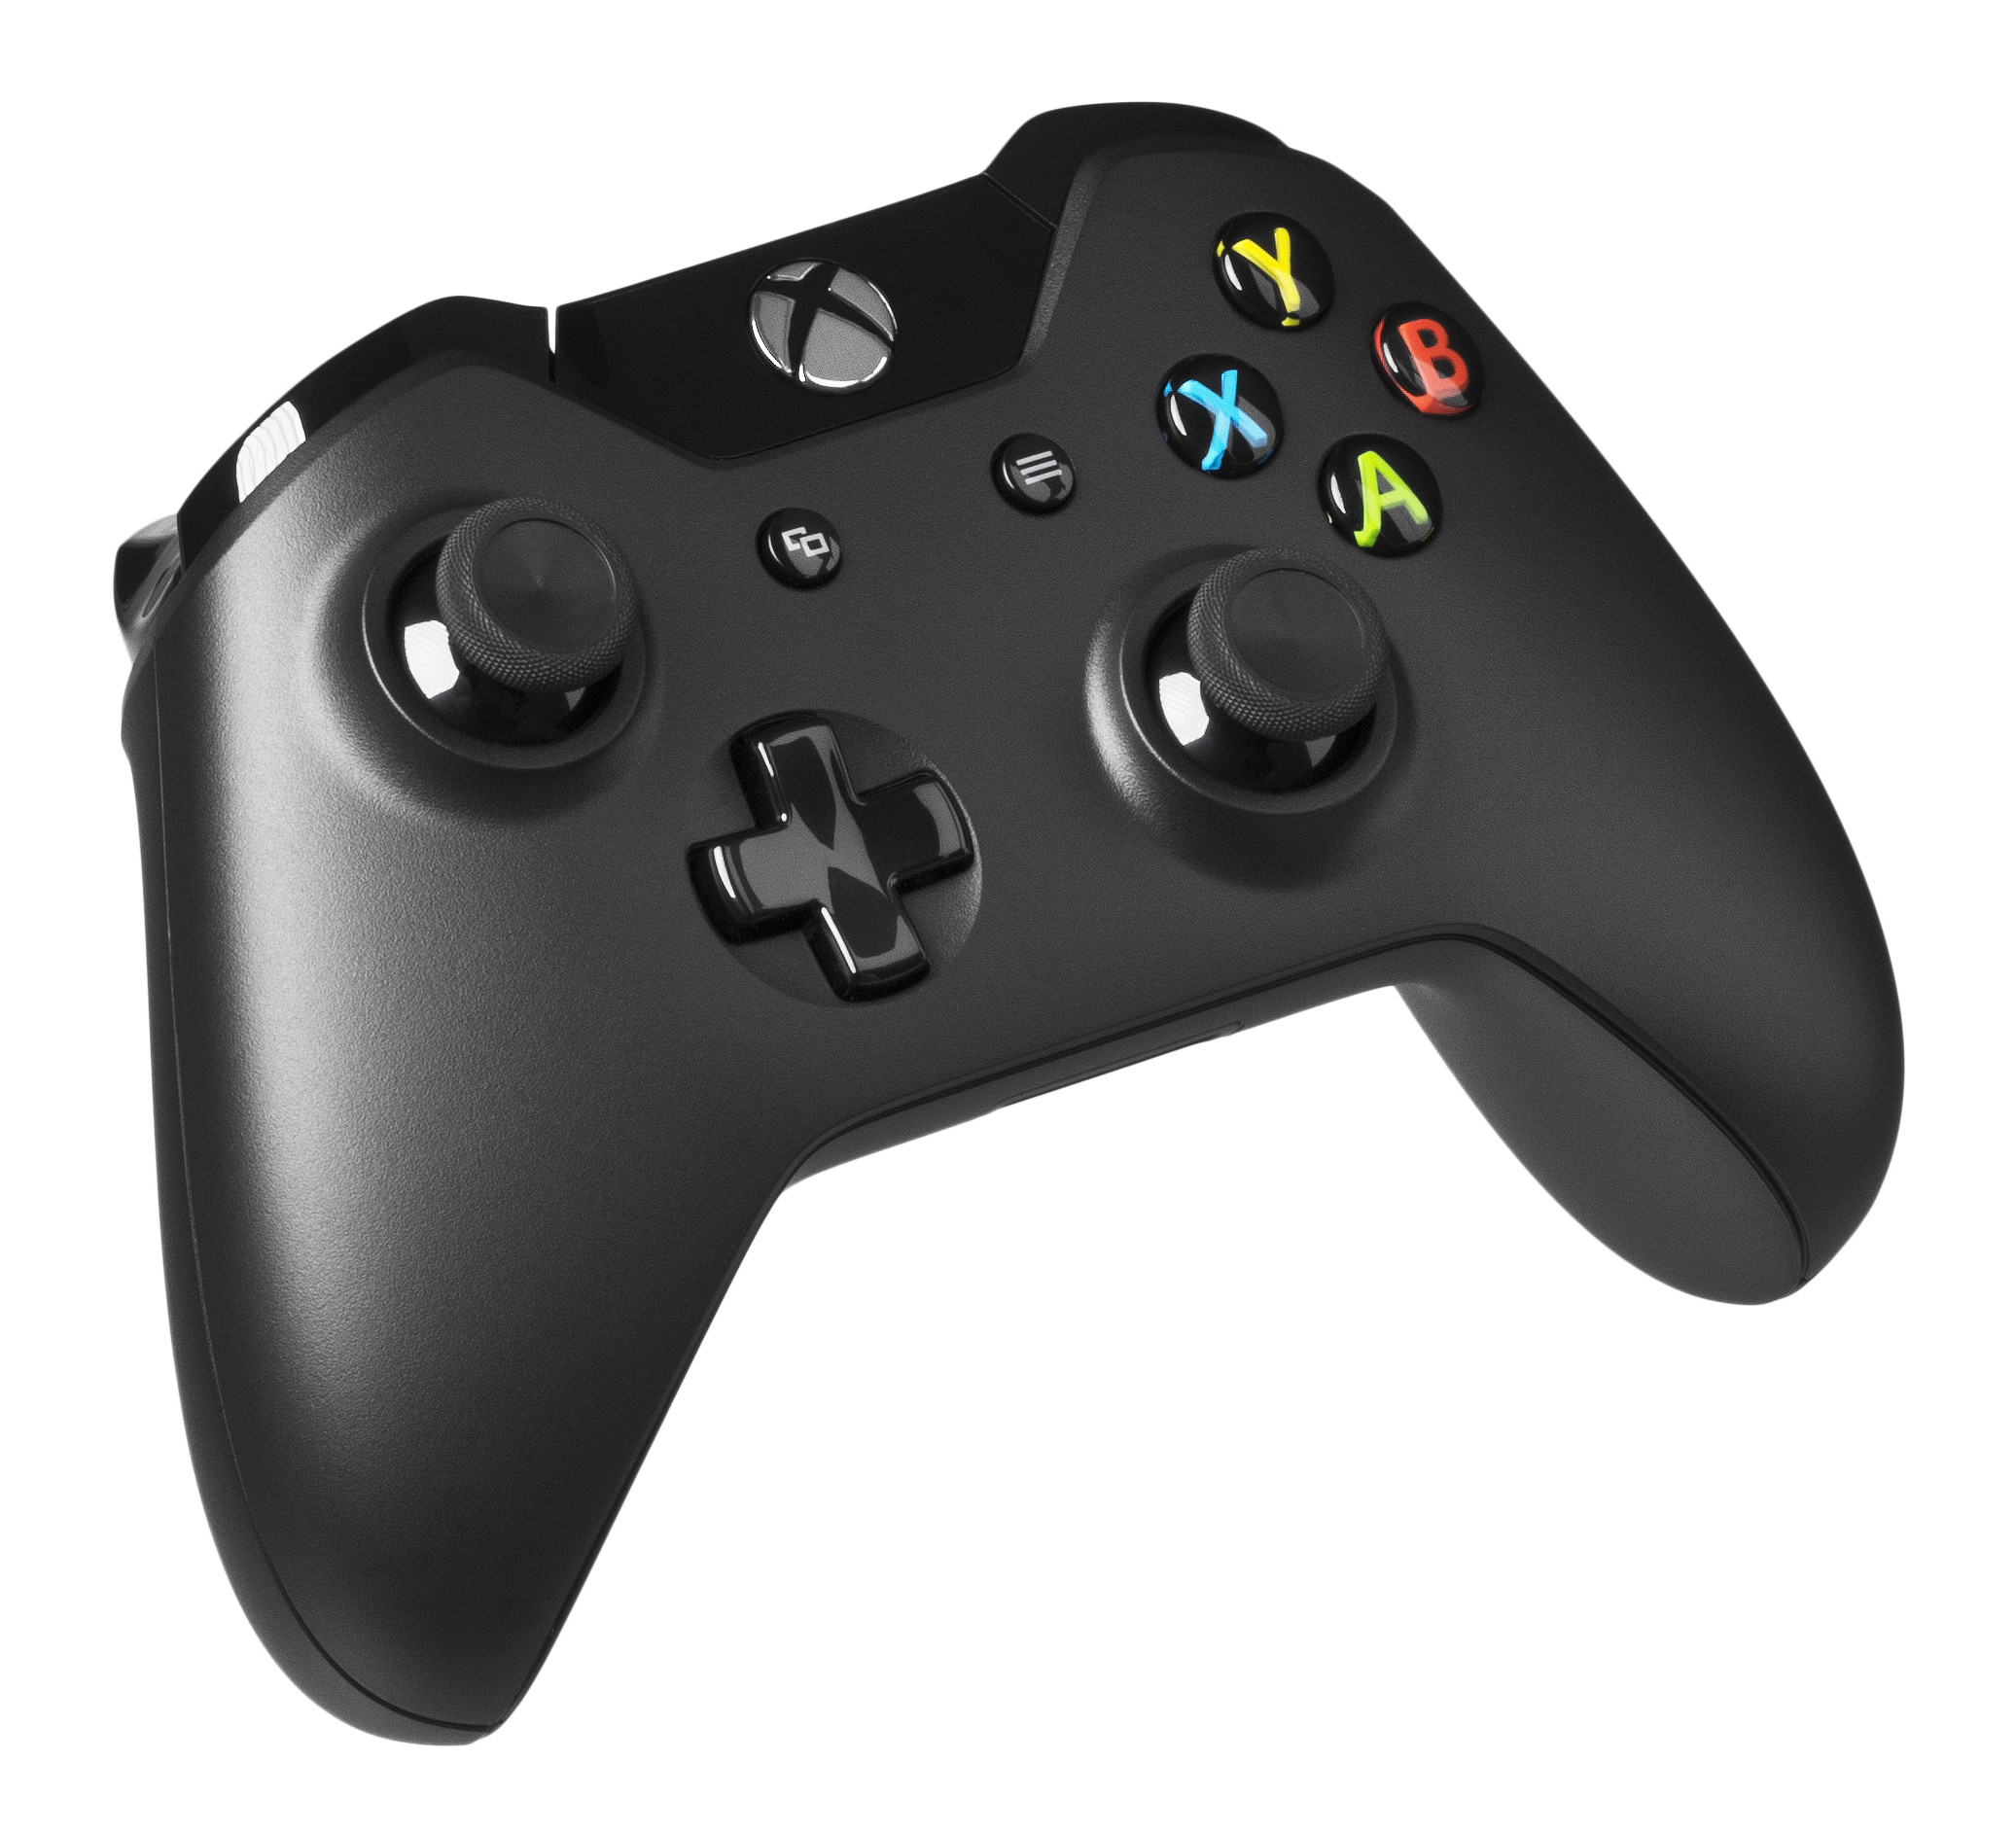 Pad Xbox One - najlepszy uniwersalny kontroler, który świetnie sprawdzi się z komputerem PC